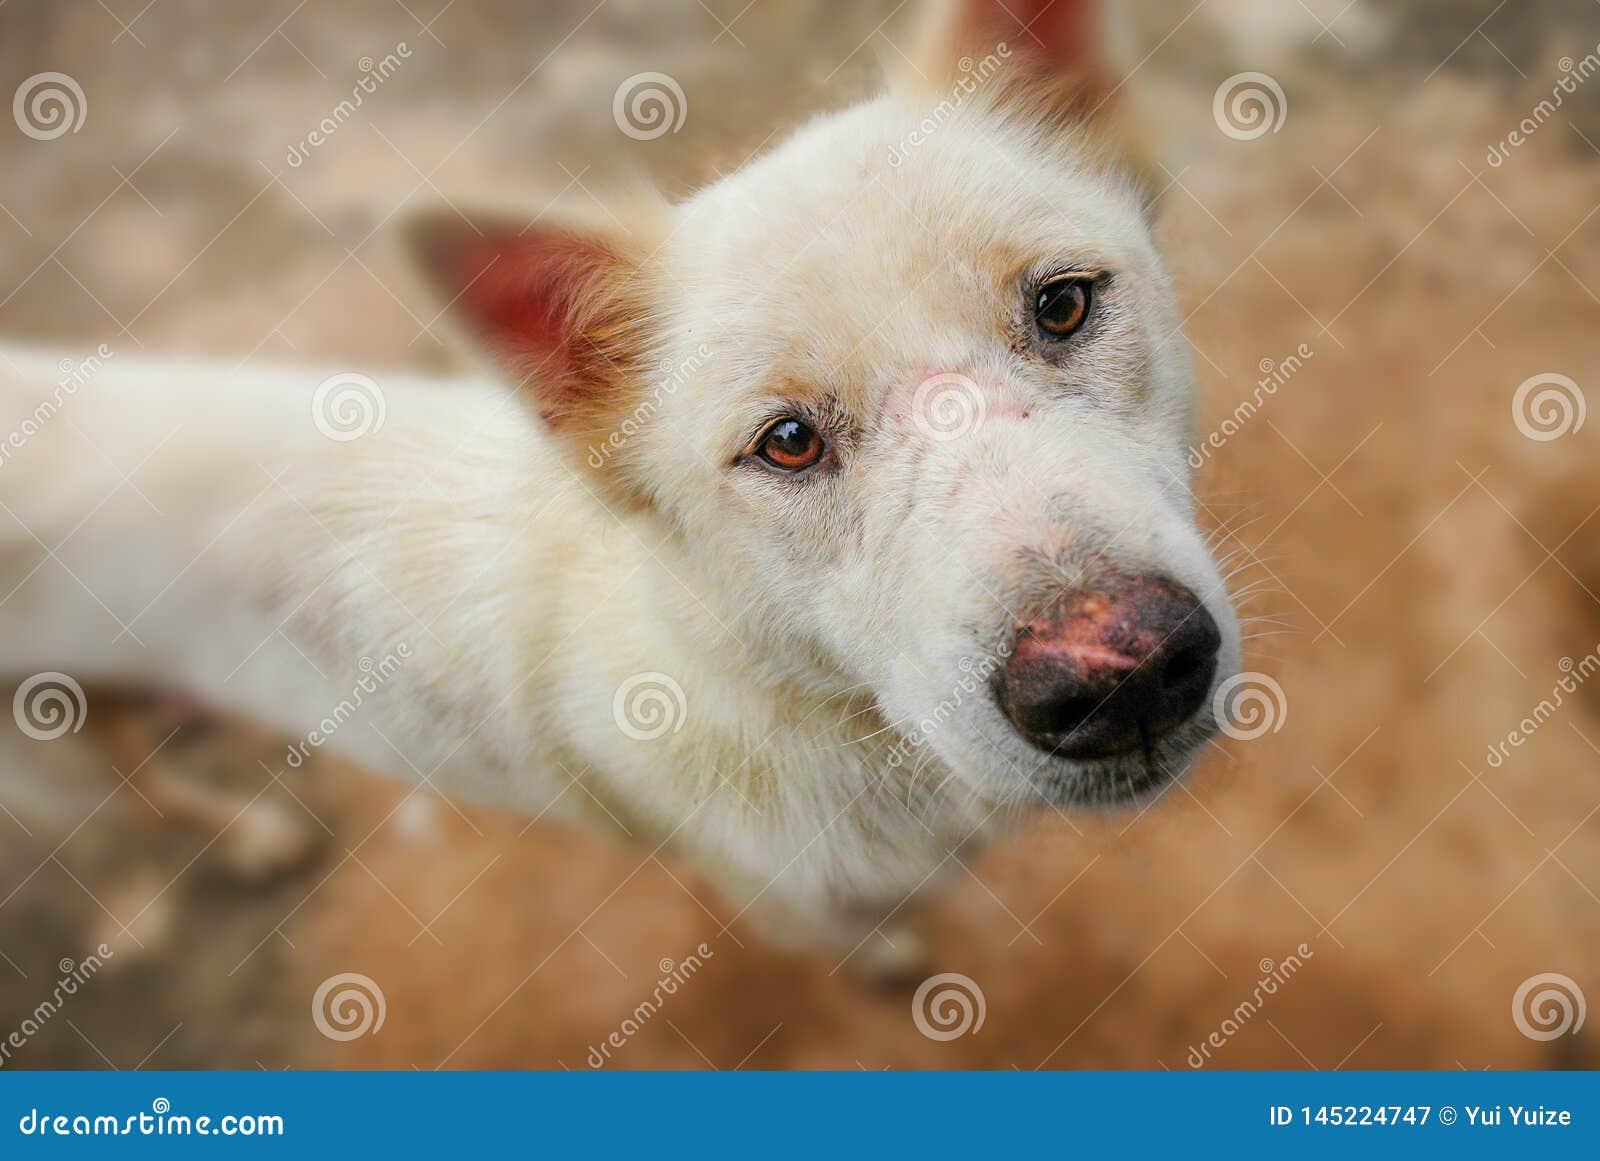 Os olhos do cão completamente das perguntas